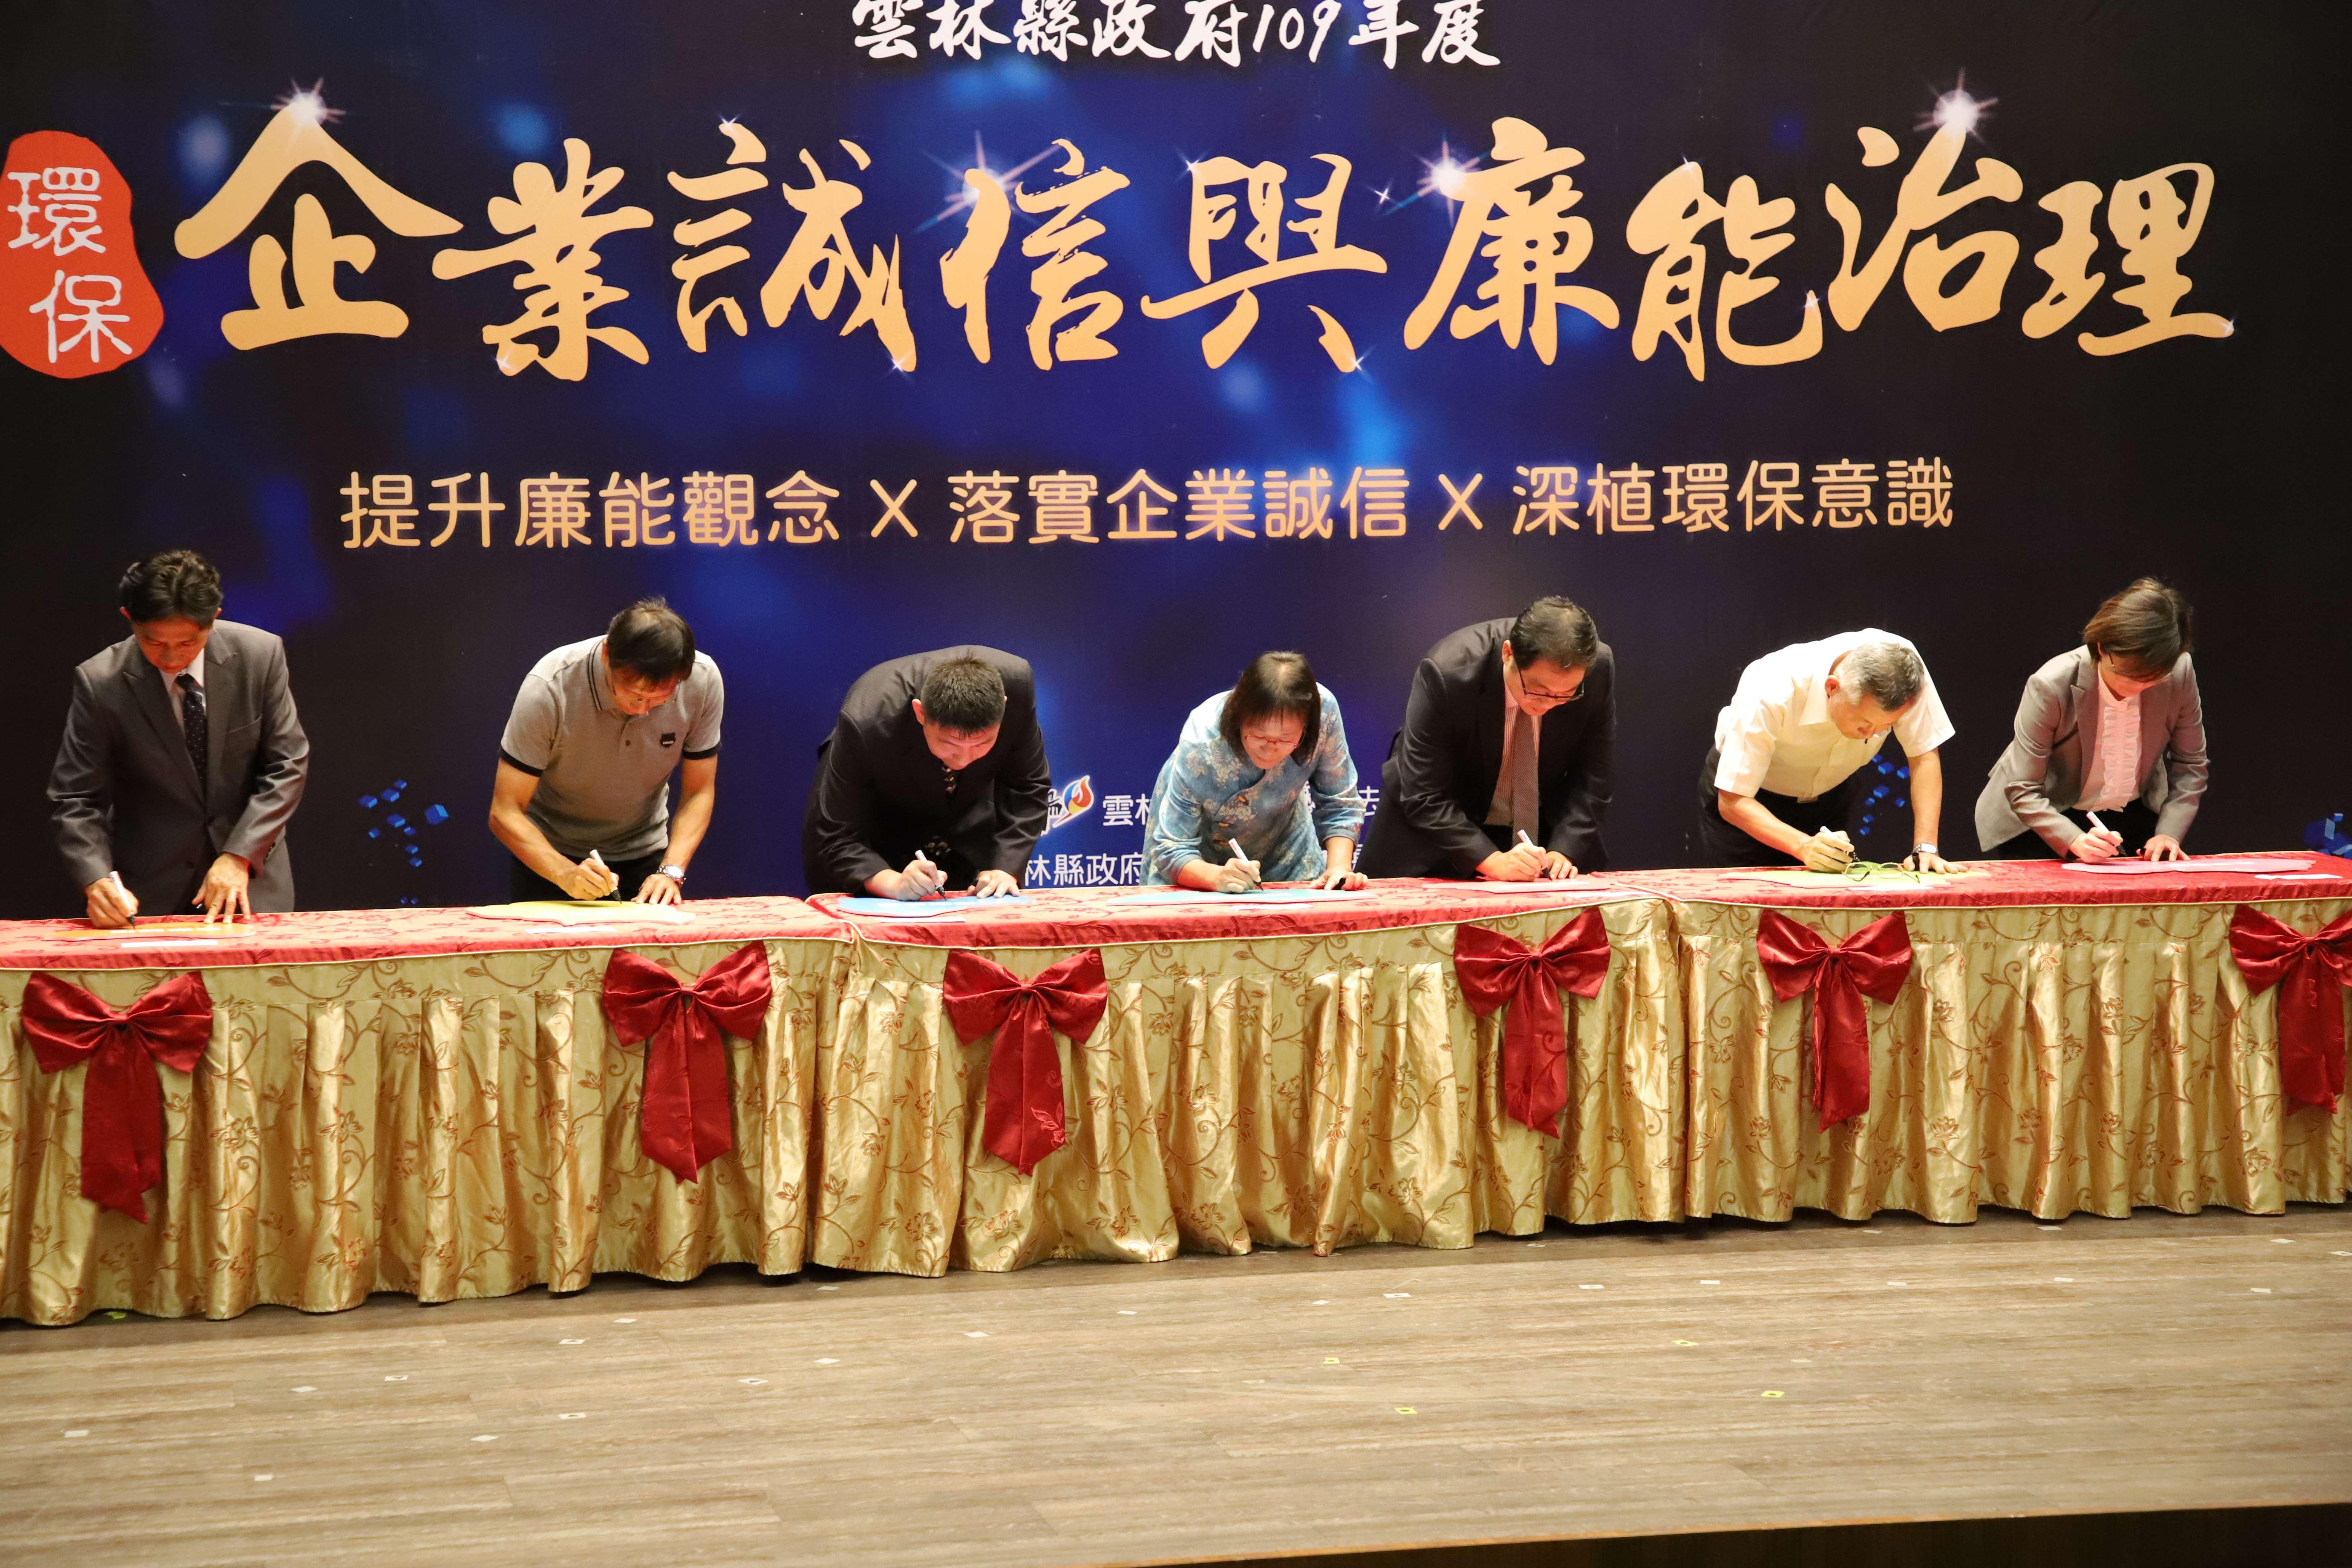 謝副縣長等人共同簽署意向書,維護雲林國土永續發展。